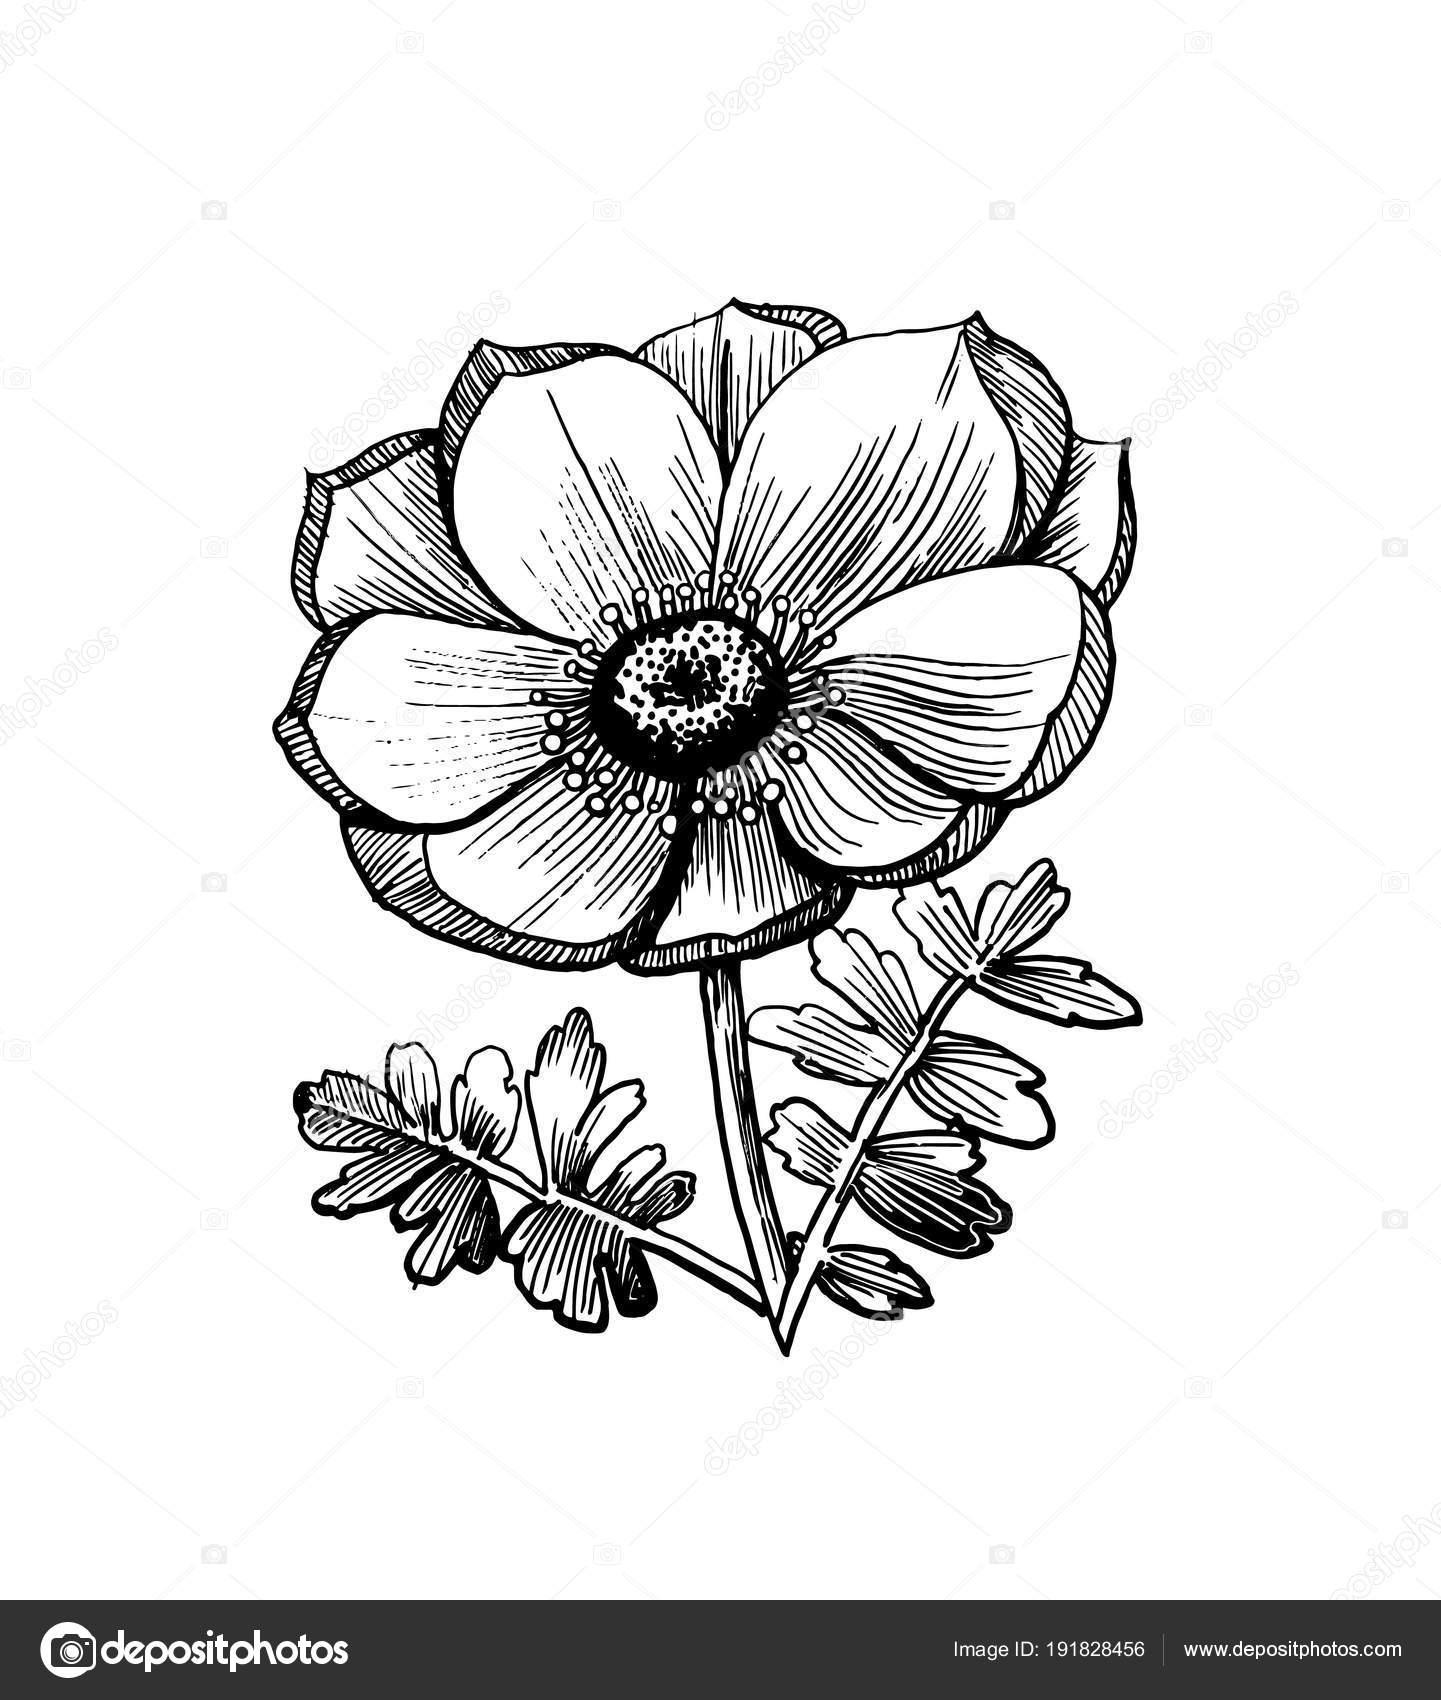 dessin r aliste une fleur avec des feuilles illustration dessin s main image vectorielle. Black Bedroom Furniture Sets. Home Design Ideas